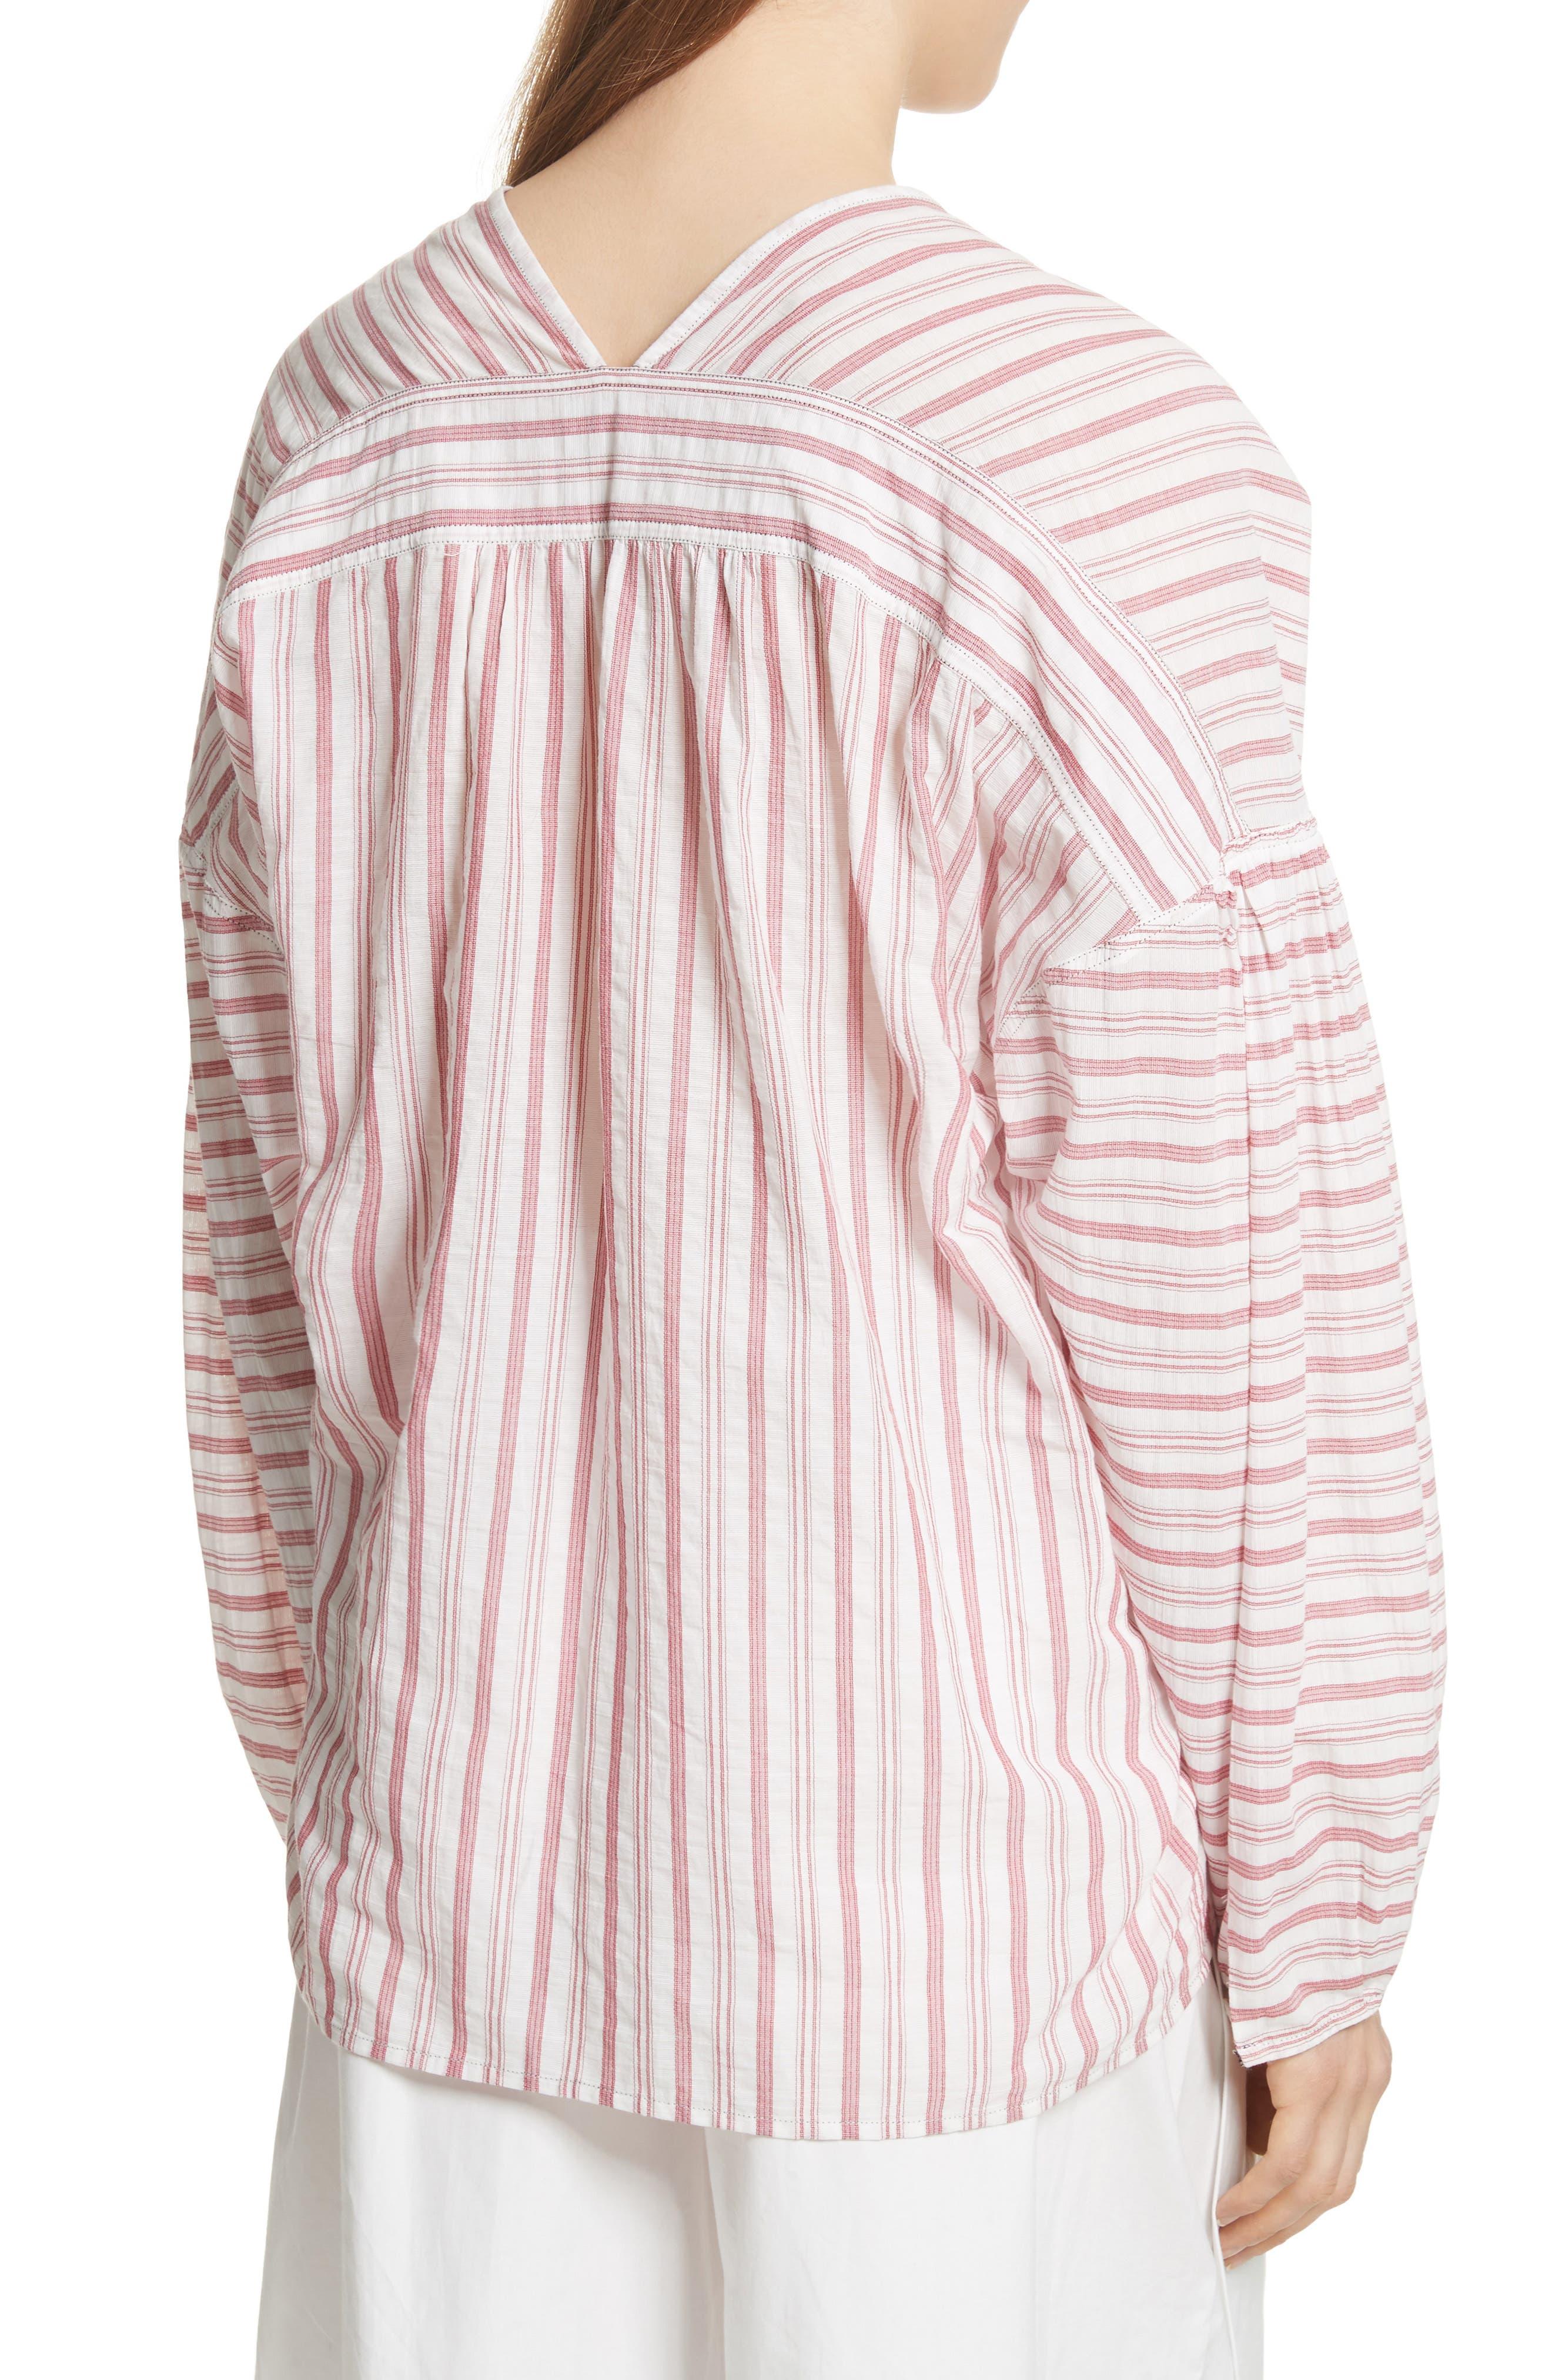 Stripe Cotton Top,                             Alternate thumbnail 2, color,                             604